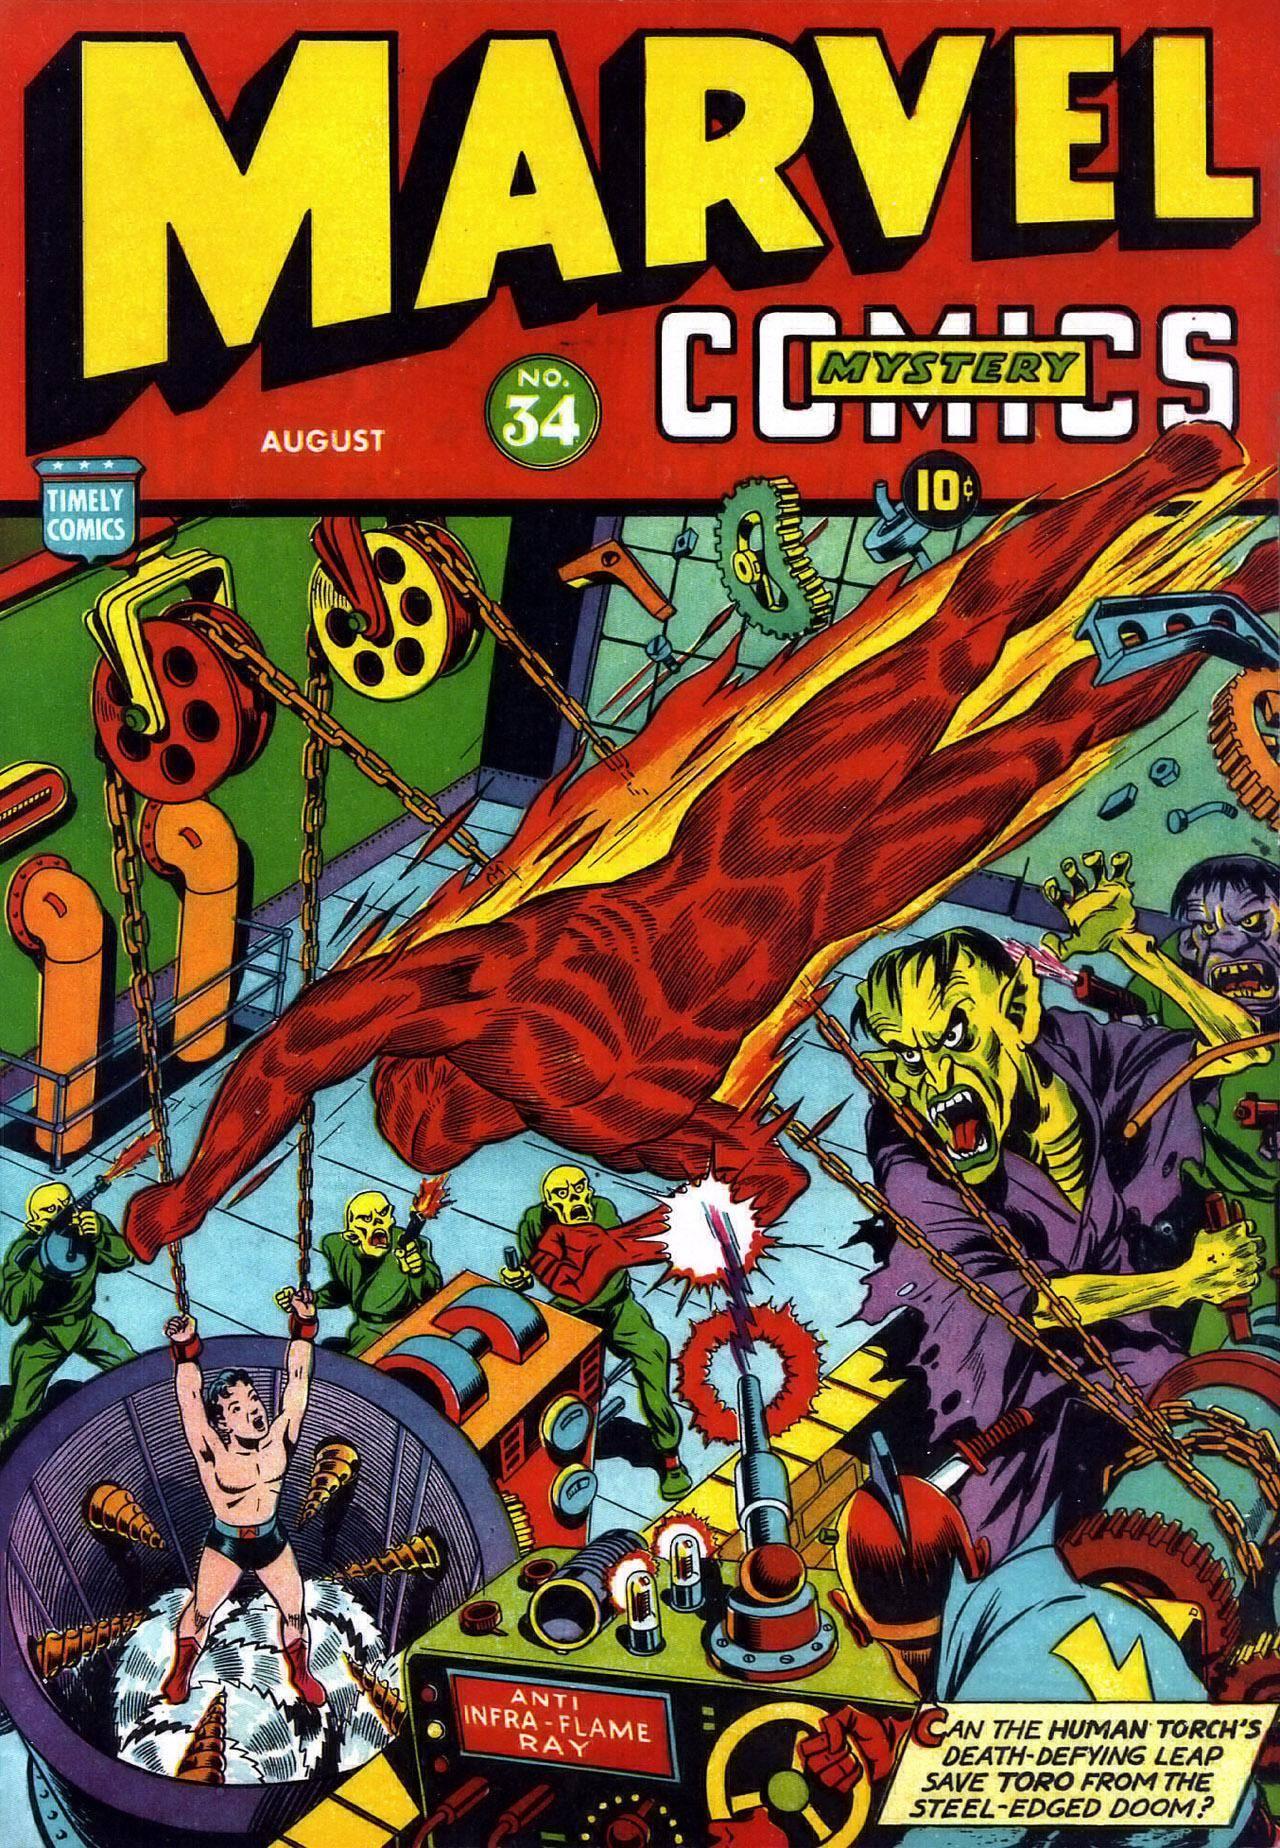 Marvel Mystery Comics v1 034 1942